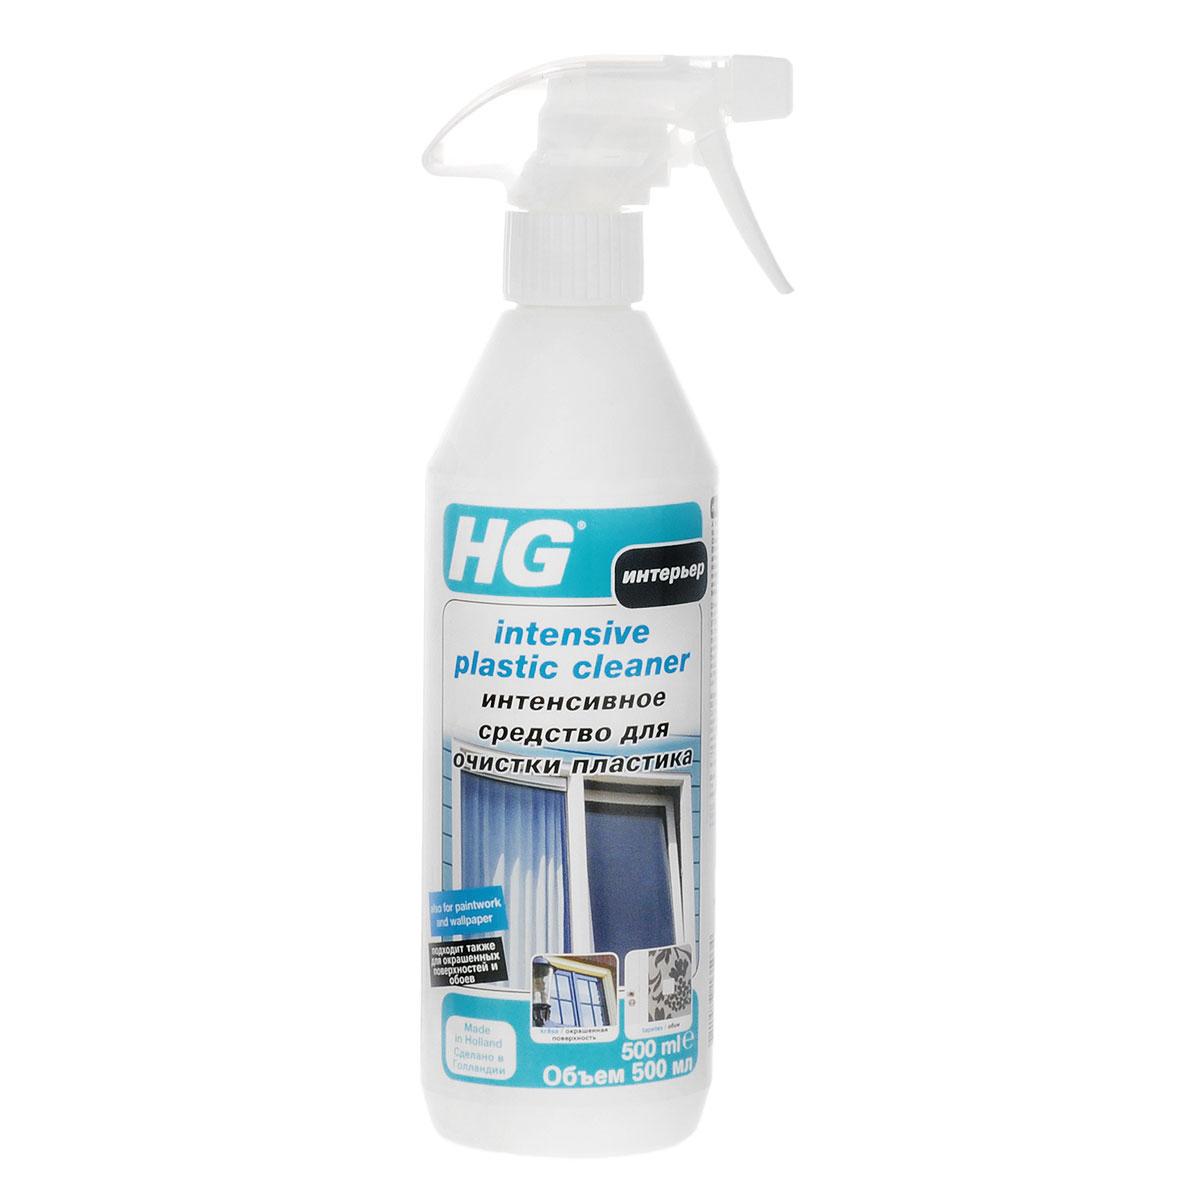 Средство HG для очистки пластика, обоев и окрашенных стен, 500 мл средство hg для очистки кухонных поверхностей из натурального камня 500 мл